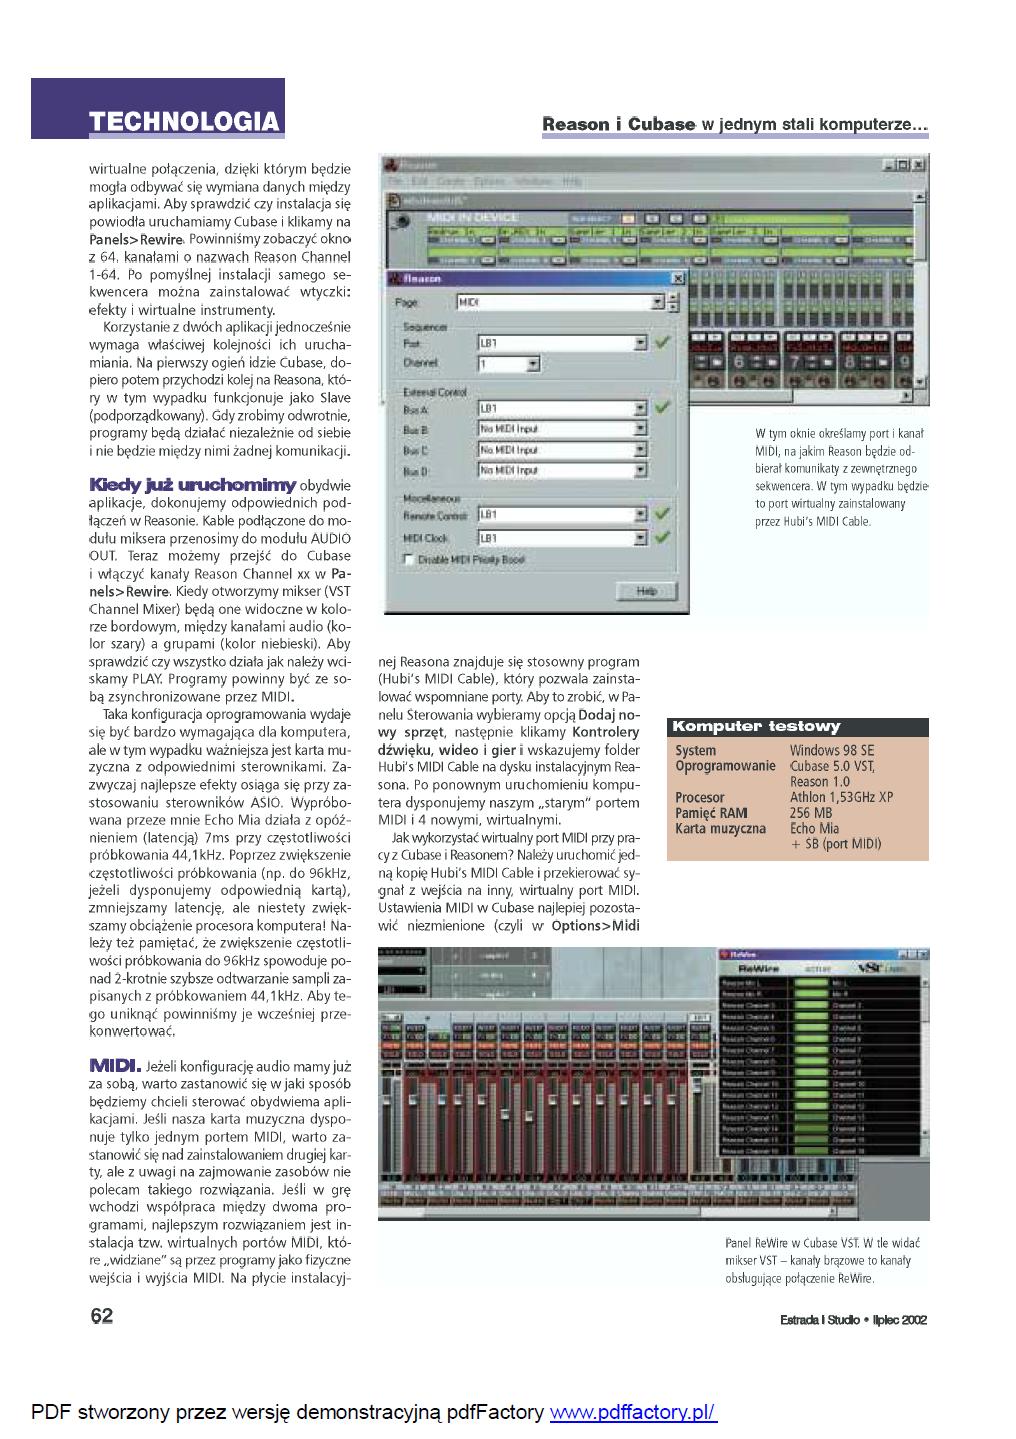 2002 07 ReWire - Reason i Cubase w jednym stali komputerze (2)